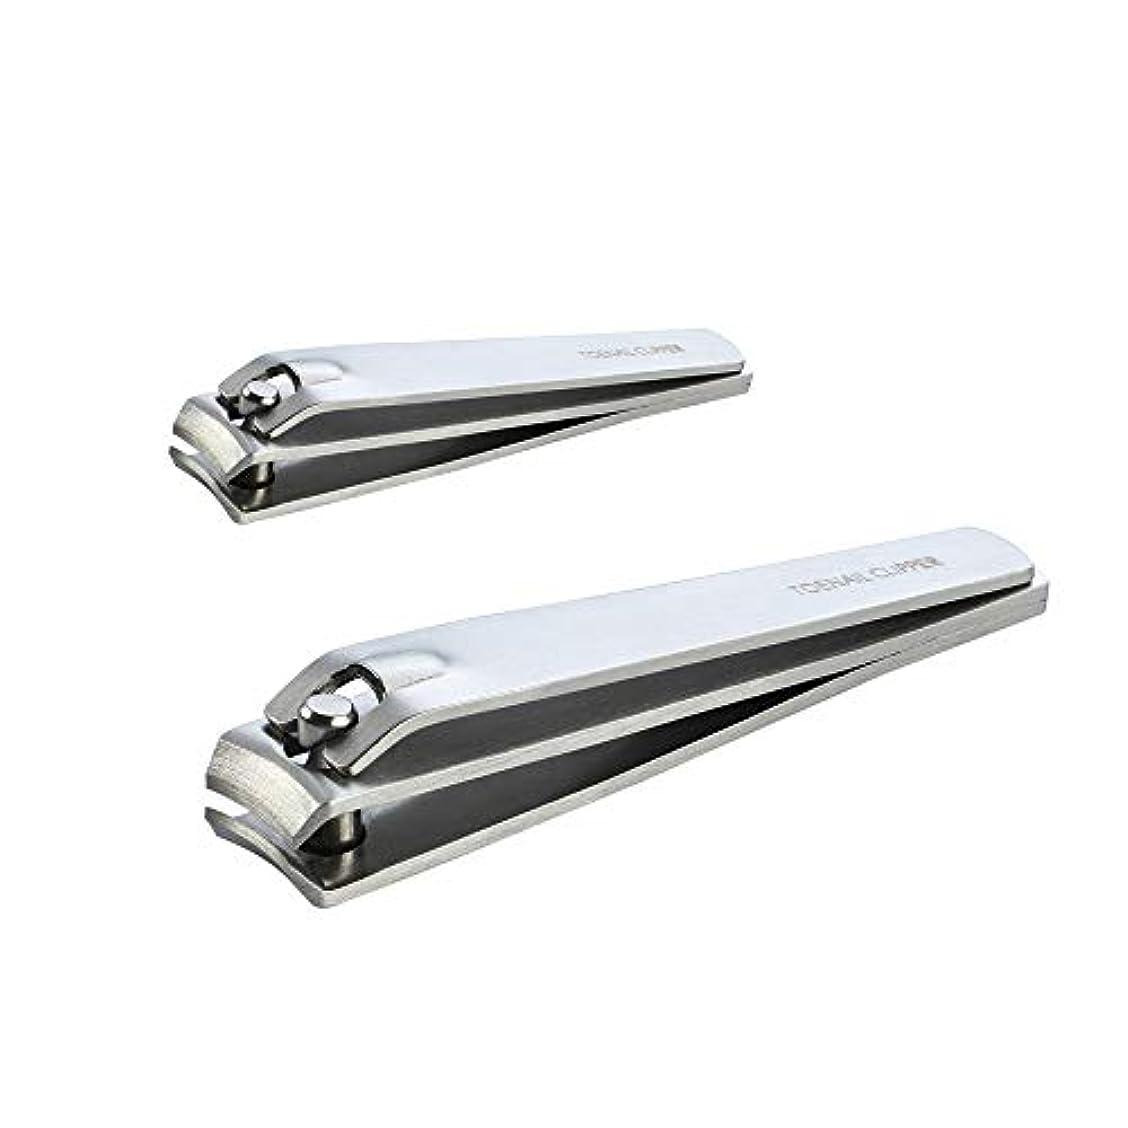 リズム素朴なアプローチSurgeHai 爪切りデラックスネイルクリッパーセット、ステンレス鋼ネイルクリーナーカーブフィンガーネイル&トゥネイルクリッパーズ2個セット